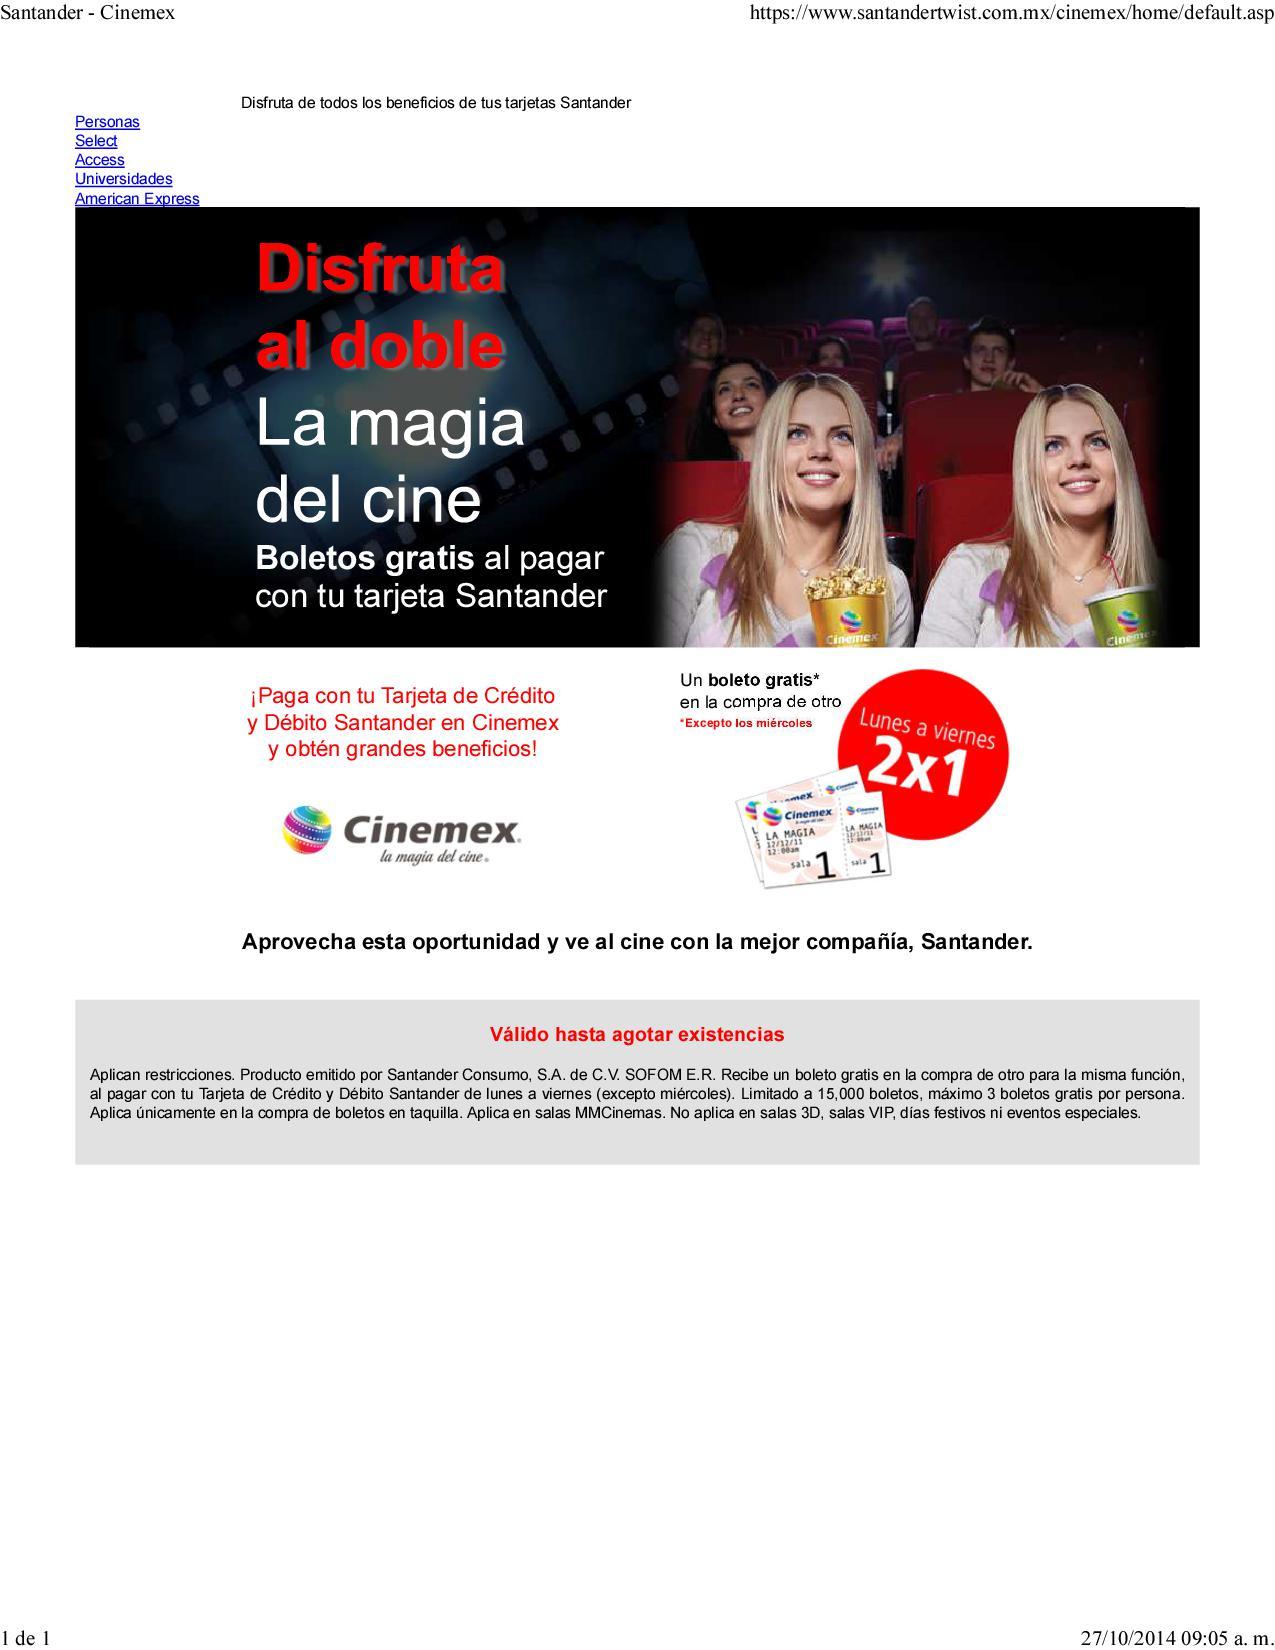 2x1 en Cinemex pagando con tarjetas Santander